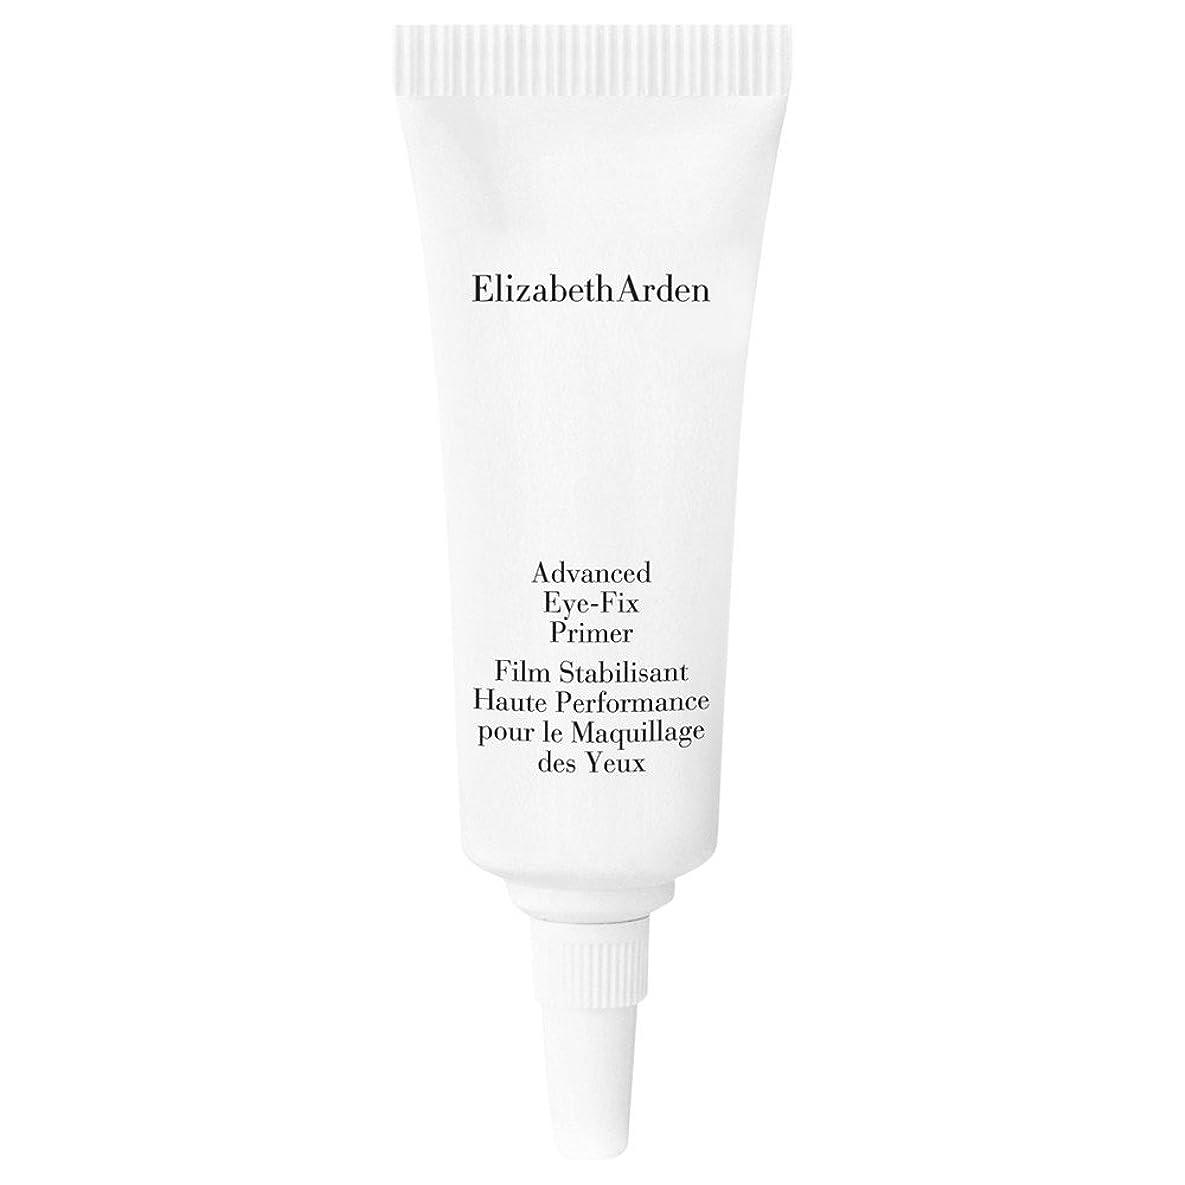 存在するそんなに黒エリザベスアーデン高度なアイフィックスプライマー7.5ミリリットル x2 - Elizabeth Arden Advanced Eye Fix Primer 7.5ml (Pack of 2) [並行輸入品]